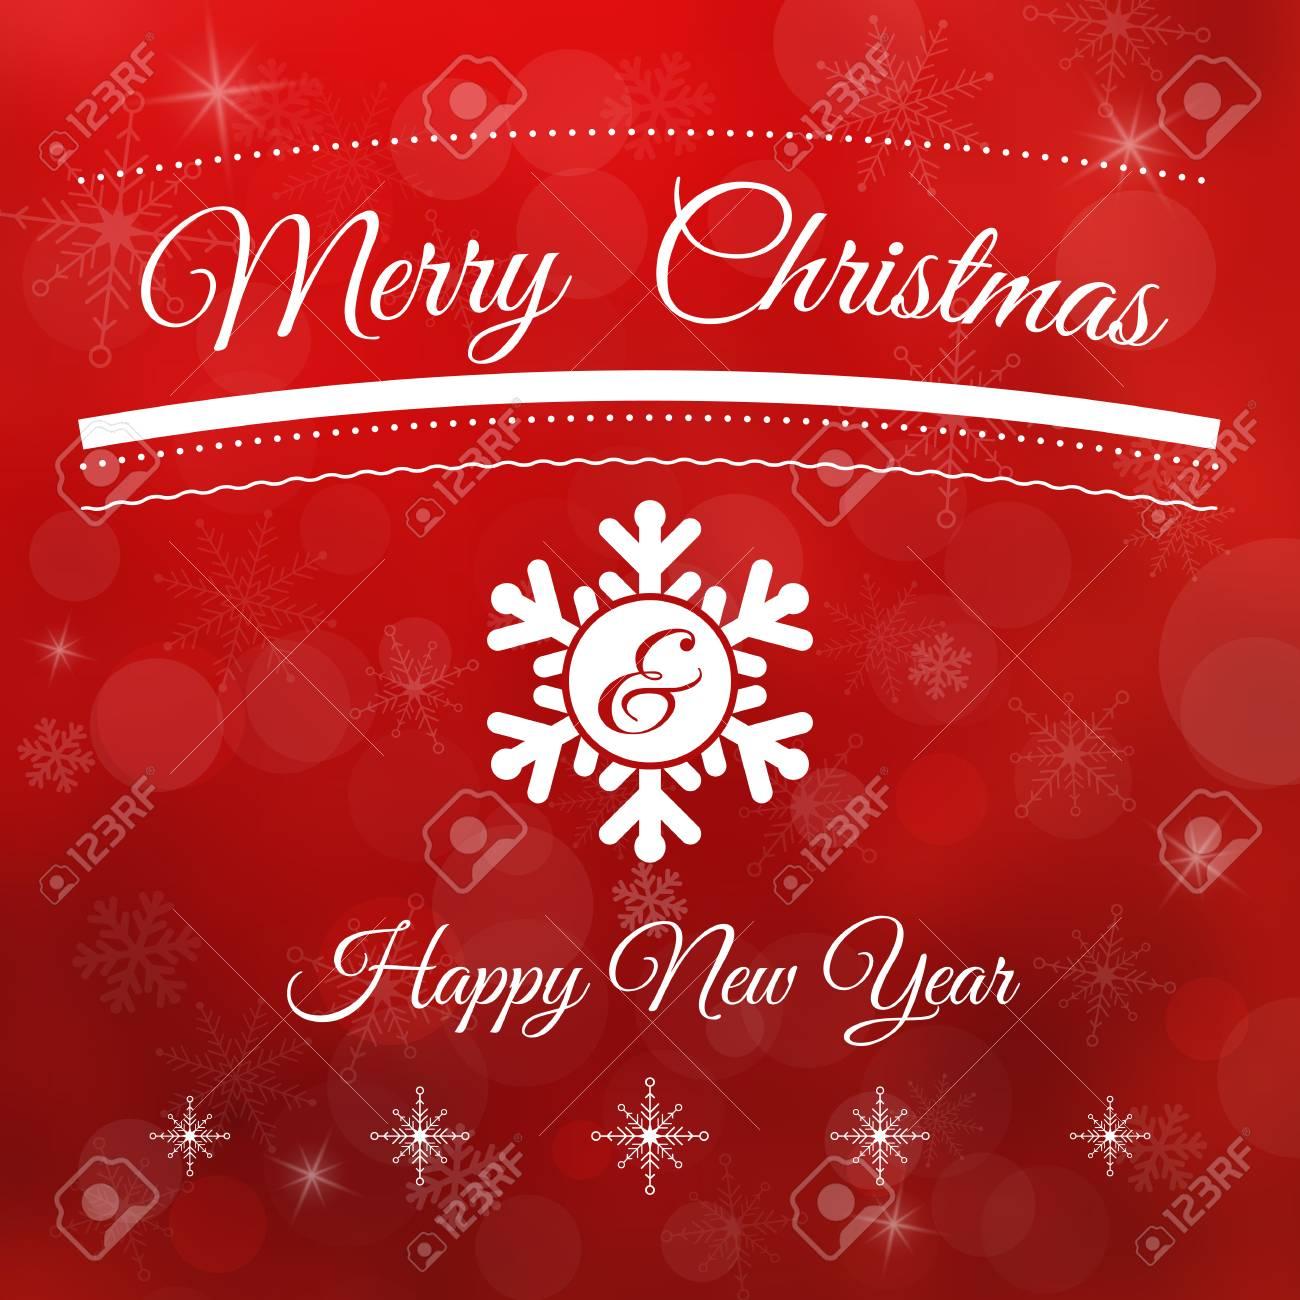 Immagini Natale E Capodanno.Biglietti Auguri Natale E Capodanno Disegni Di Natale 2019